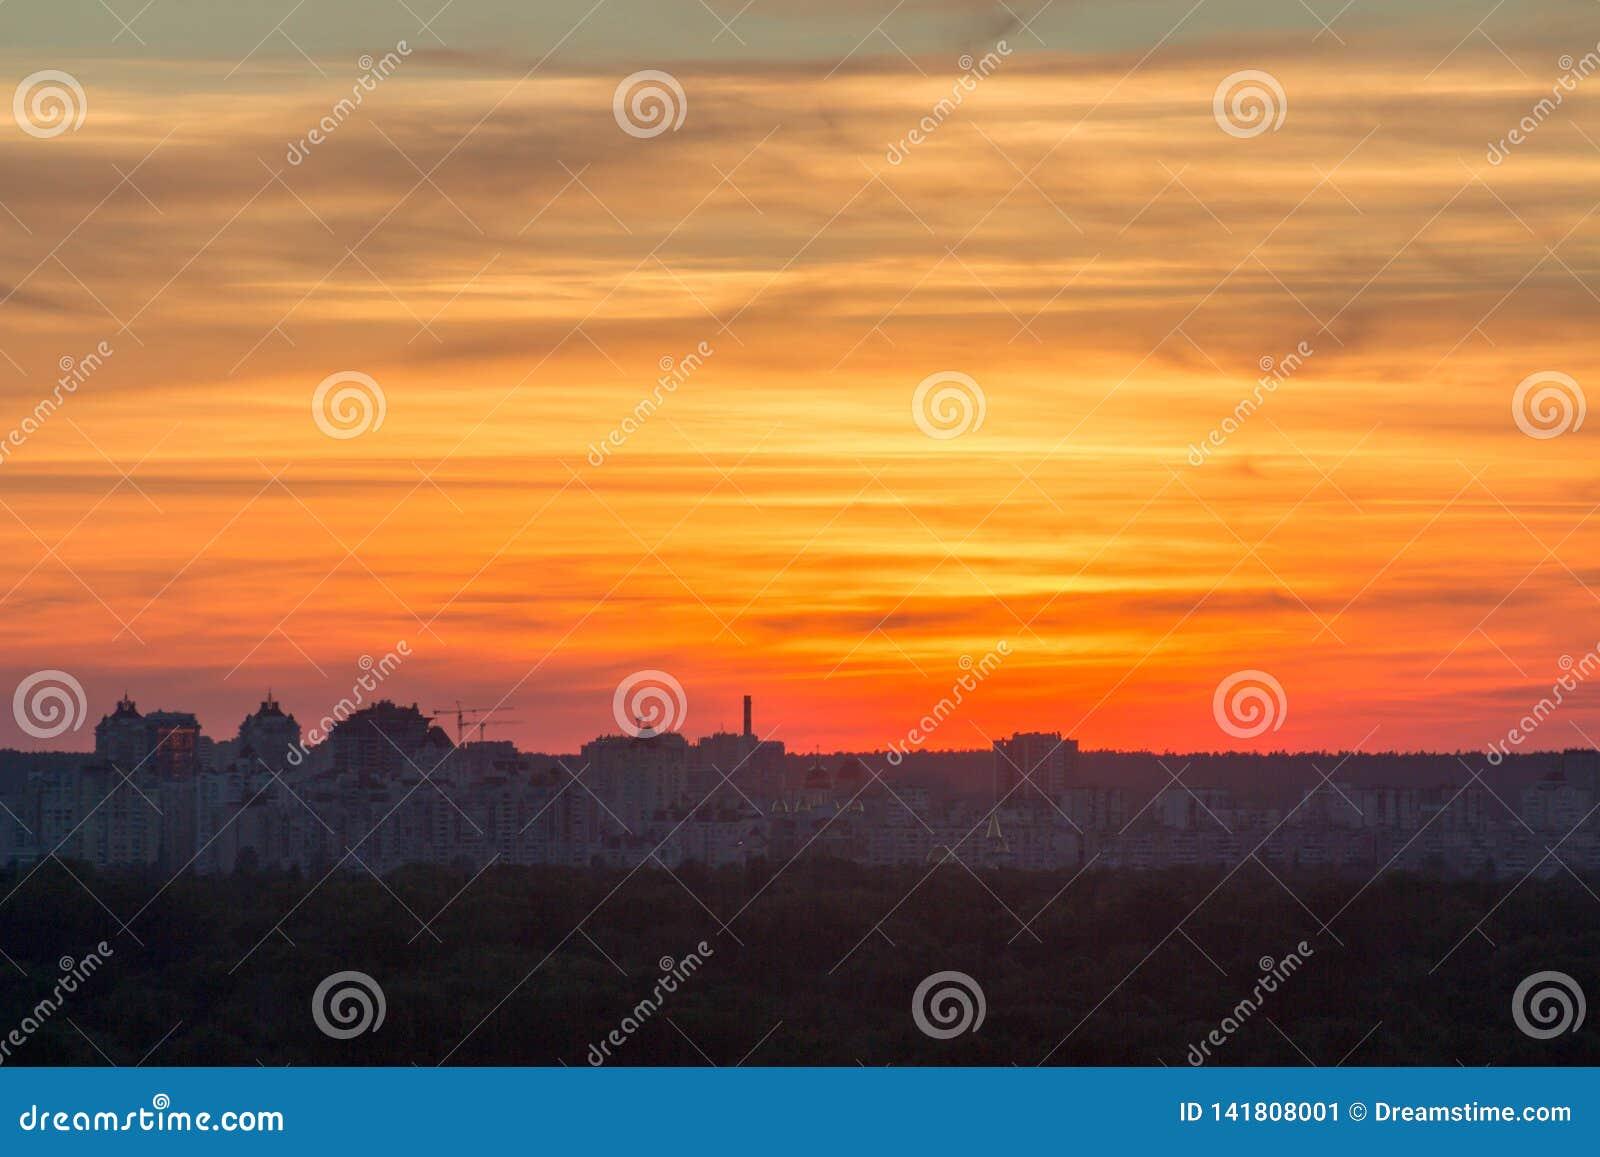 Schöner Sonnenuntergang über der Stadt